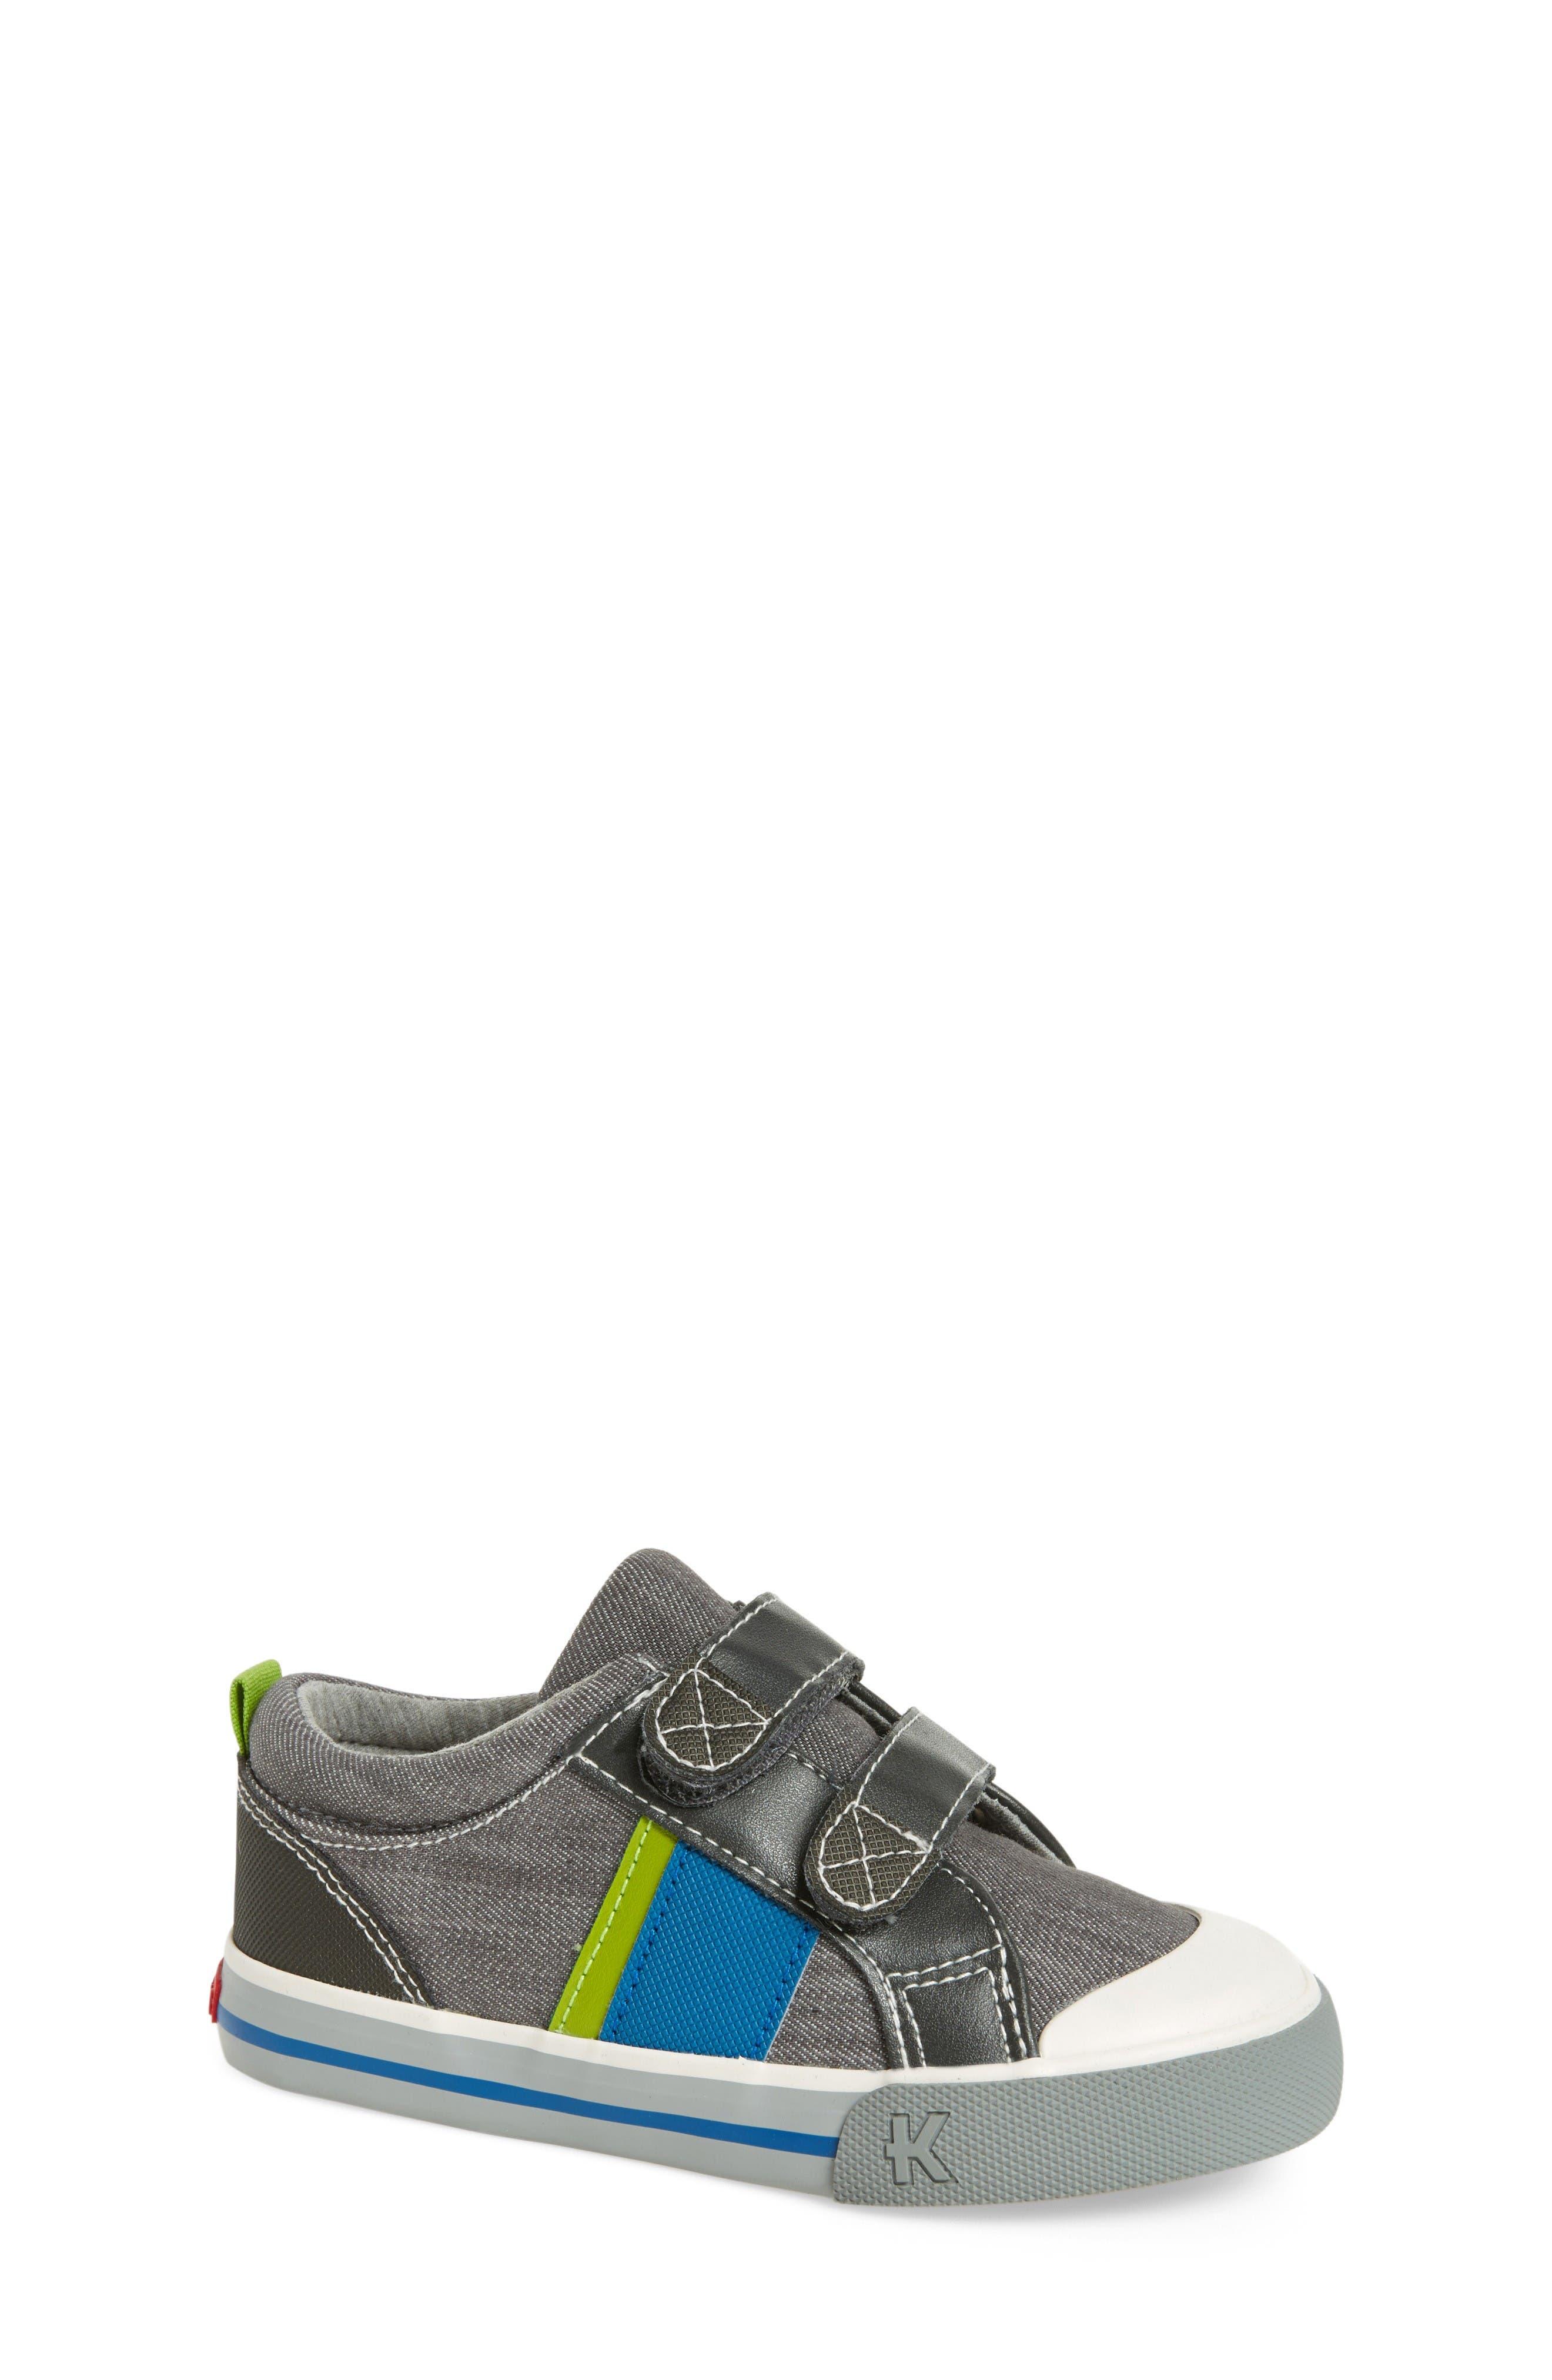 Russell Sneaker,                         Main,                         color, Grey Denim